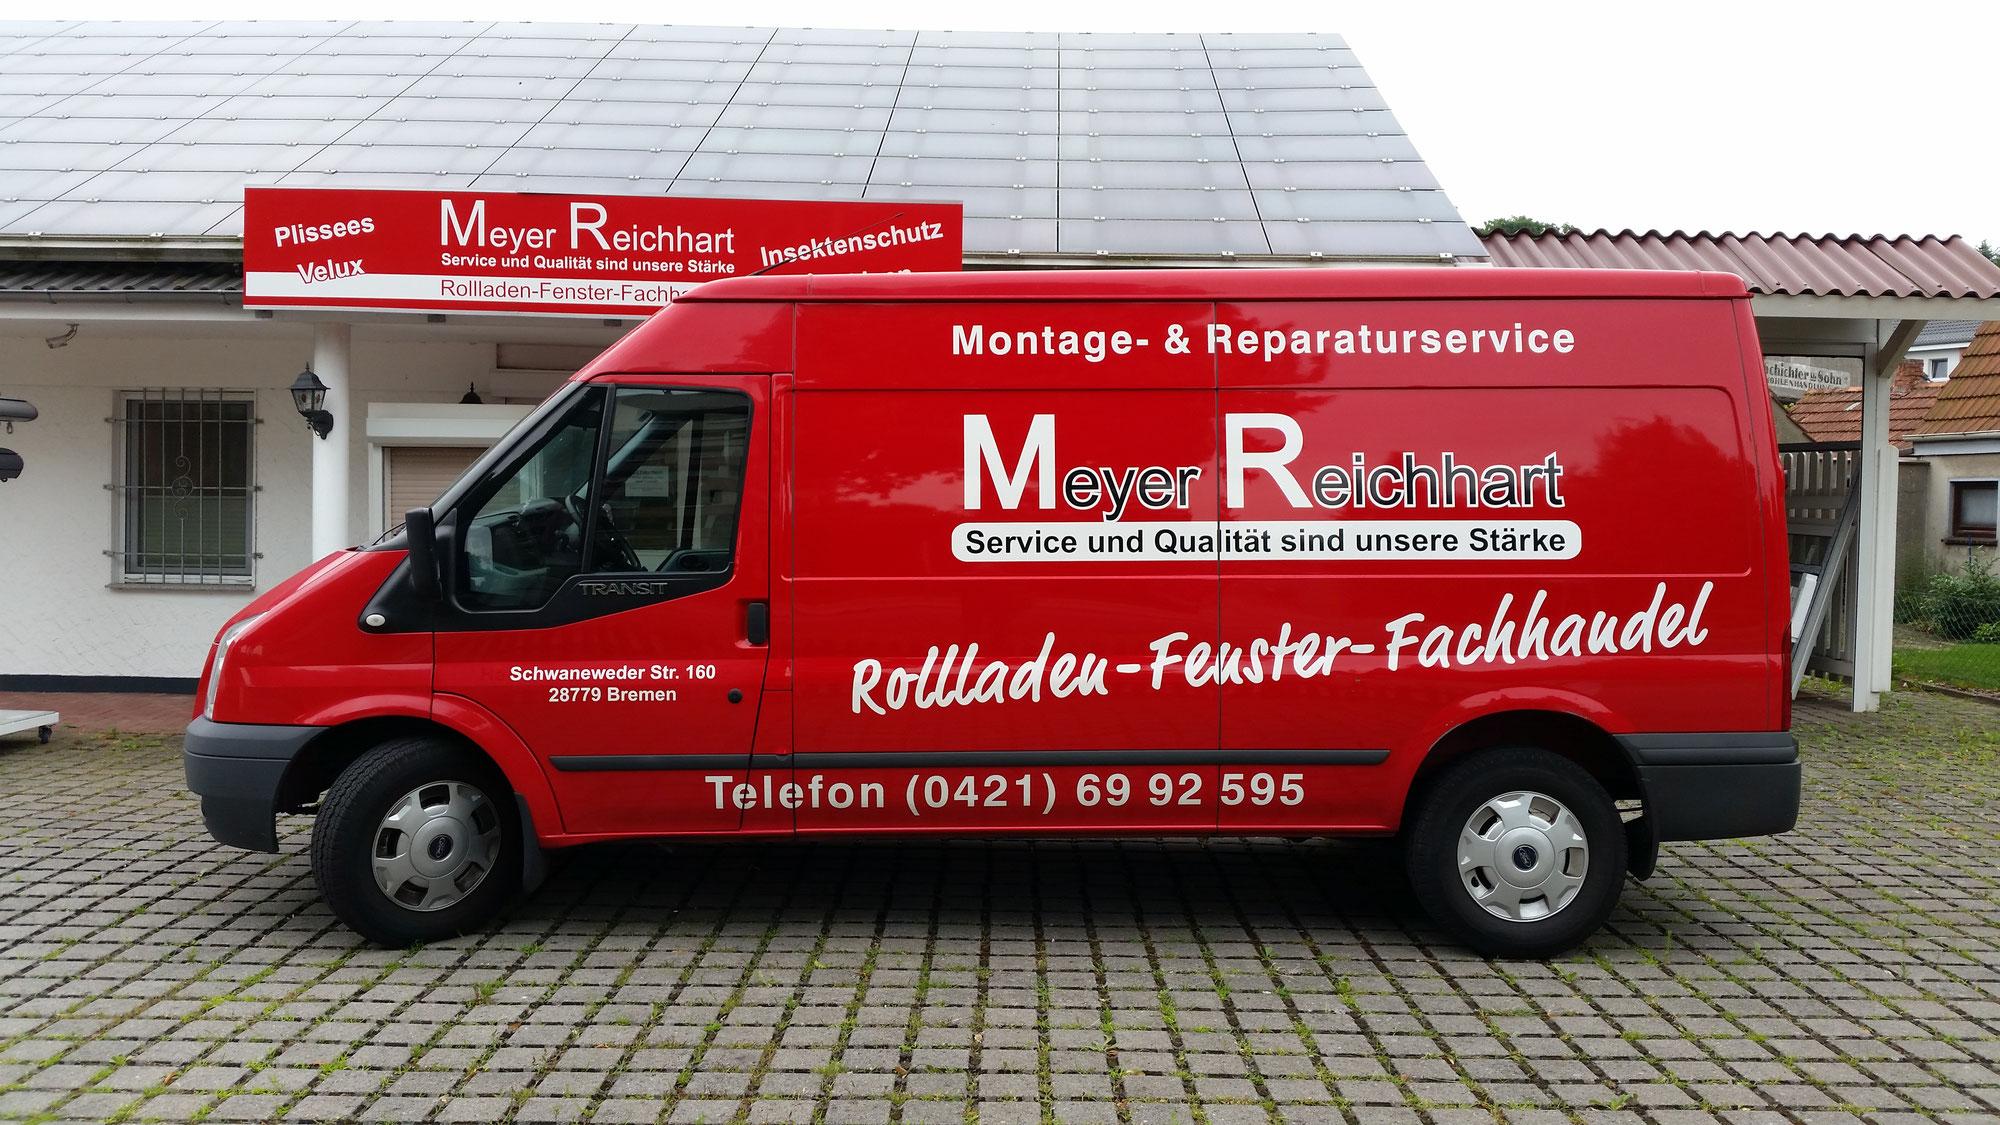 Full Size of Velux Ersatzteile Fenster Ggl 406 304 Dachfenster Rollo Schweiz Rolladen Meyer Reichhart Preise Kaufen Einbauen Wohnzimmer Velux Ersatzteile